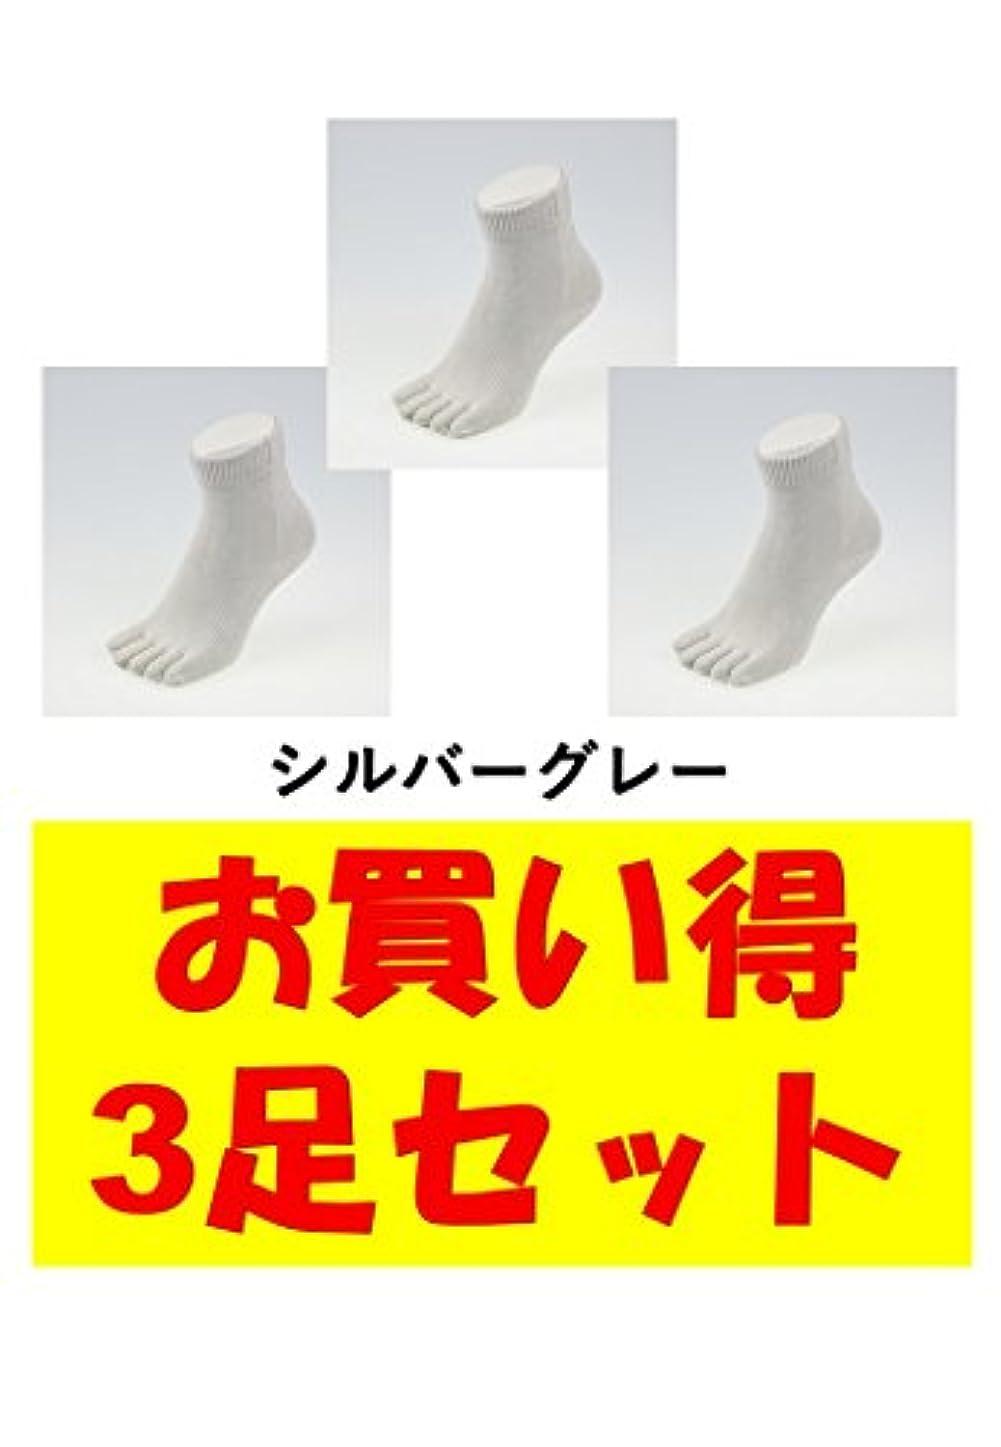 世界分岐するモトリーお買い得3足セット 5本指 ゆびのばソックス Neo EVE(イヴ) シルバーグレー iサイズ(23.5cm - 25.5cm) YSNEVE-SGL